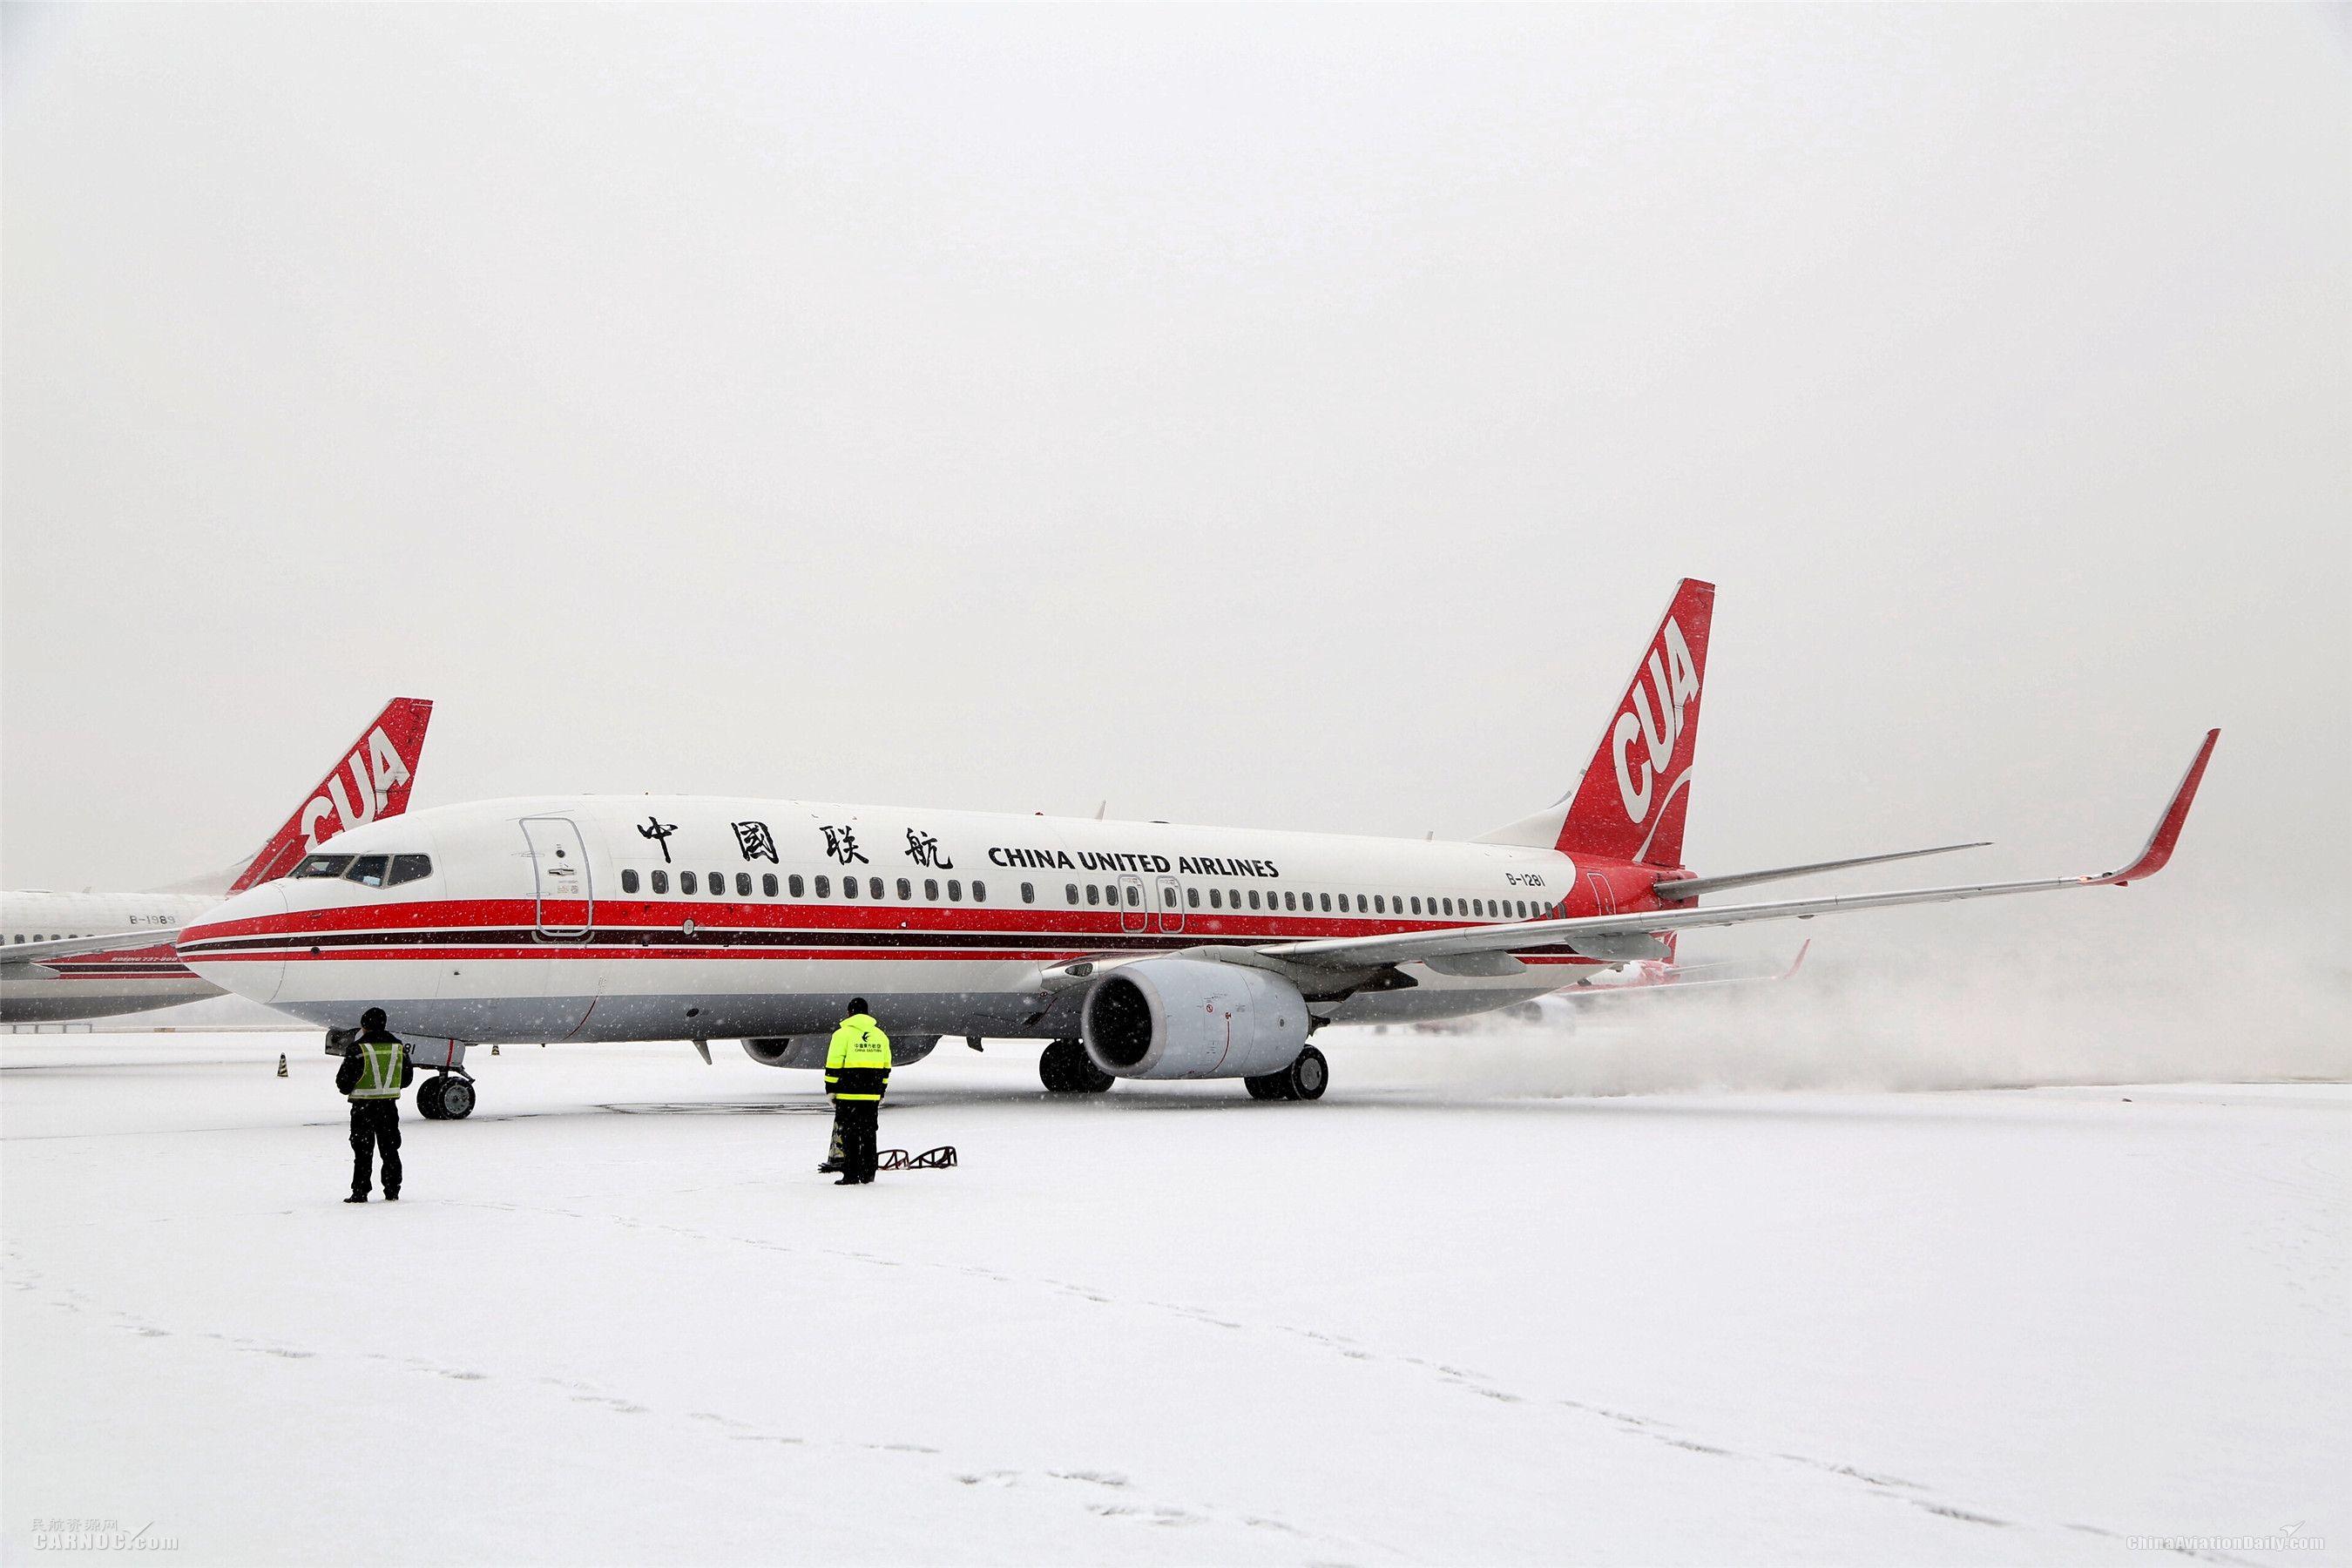 北京迎新年首次大规模降雪 中联航全力保障航班运行